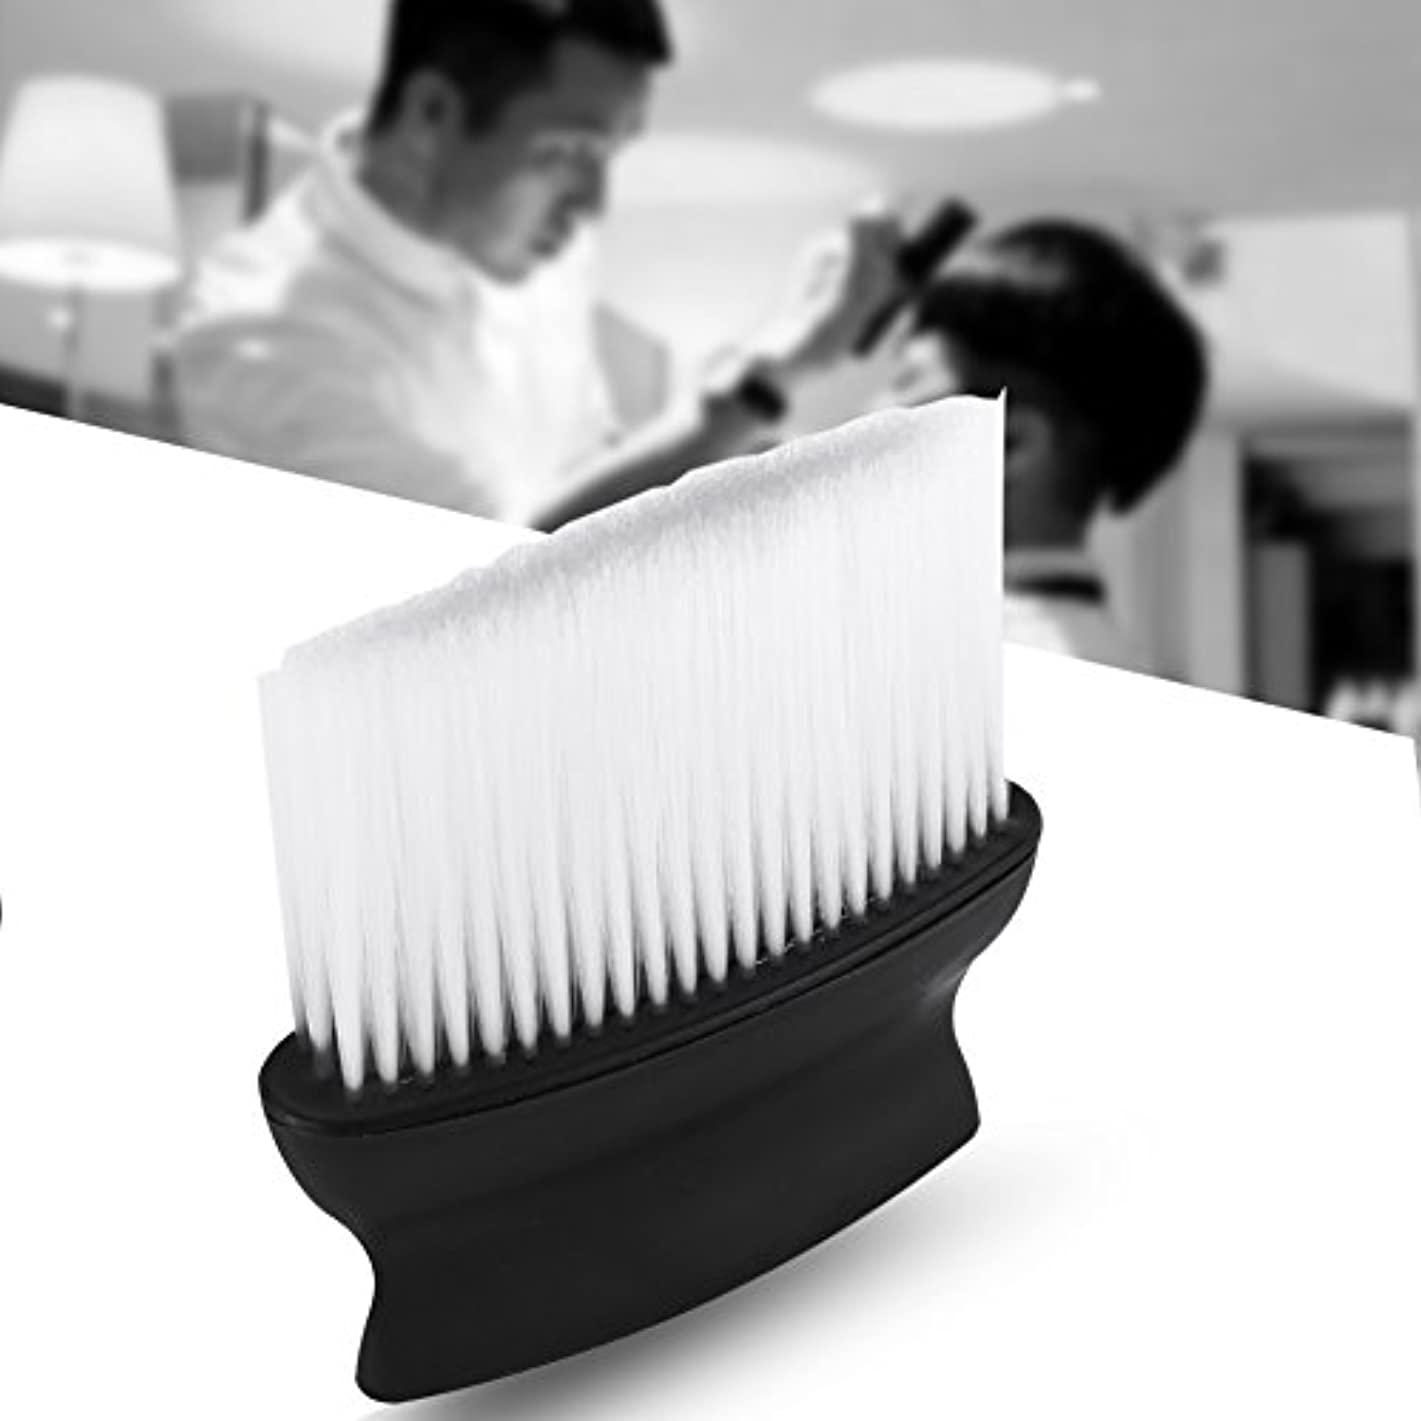 割るミケランジェロ算術サロンブラシ 髪ブラシ 髪掃除 シェービングブラシ 理髪店 バッガーヘア シェービングブラシ 理髪師ヘアスタイリングスタイリストサロン